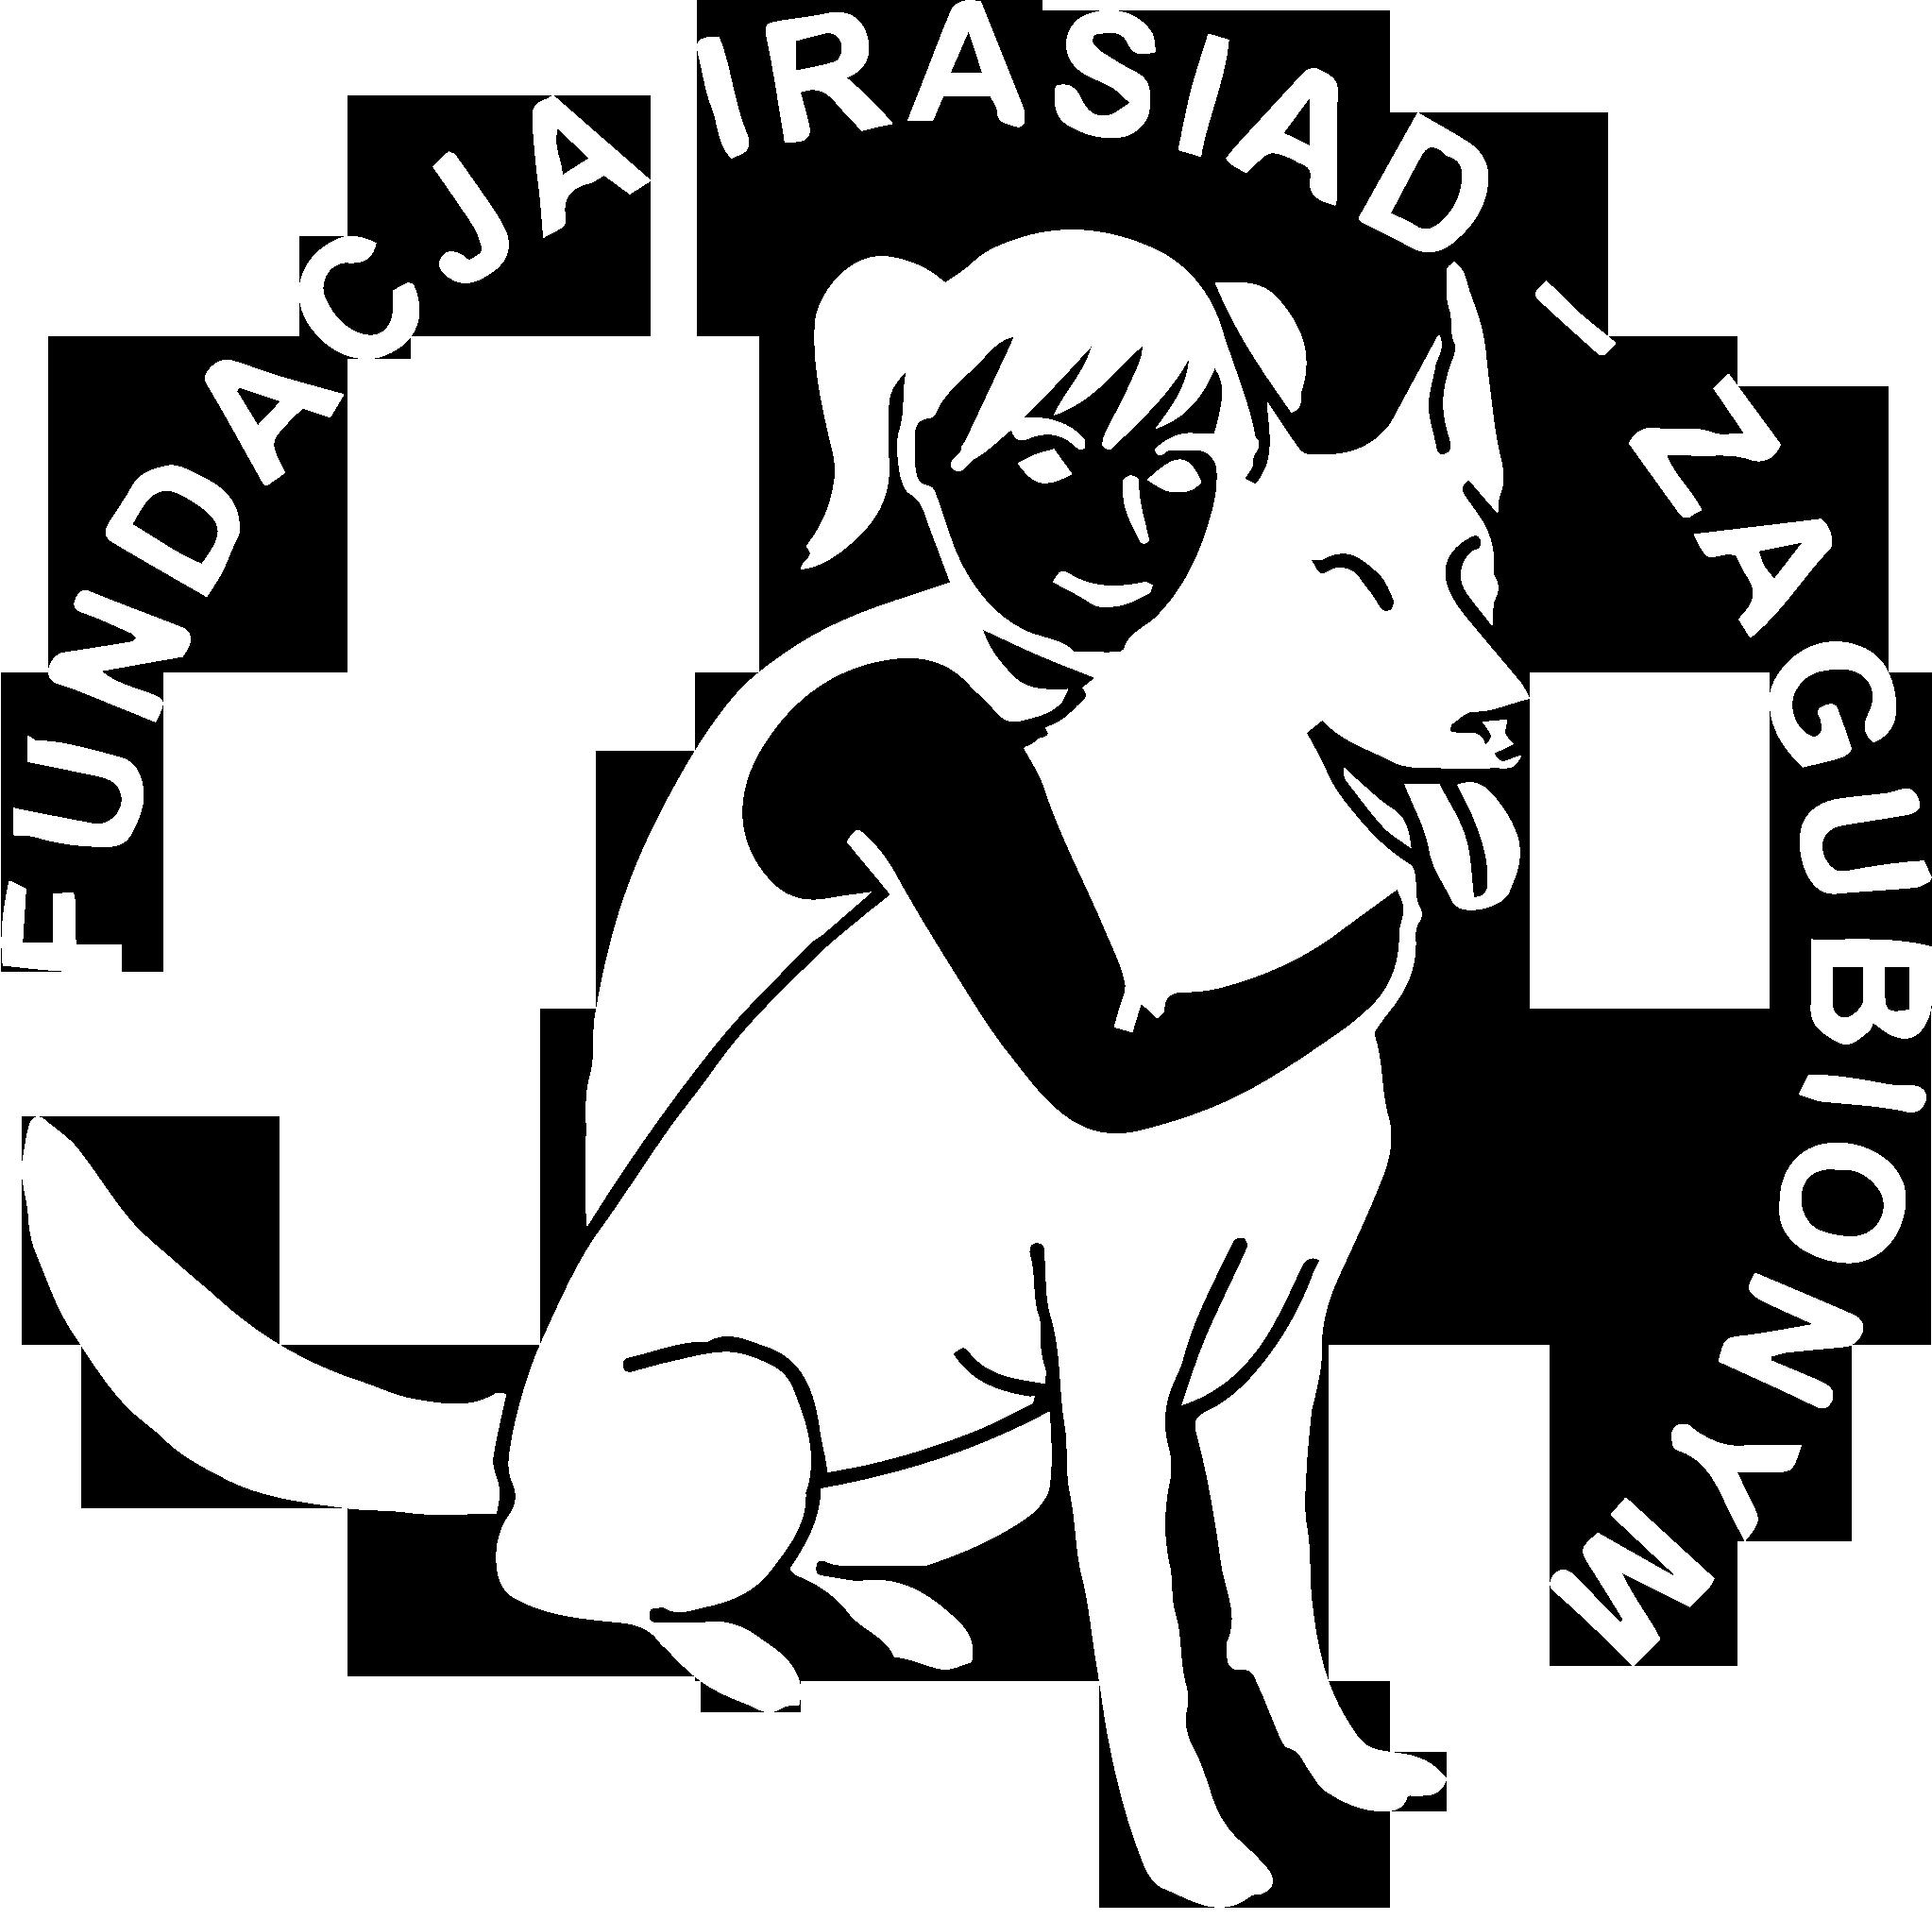 Fundacja Irasiad-Zagubionym